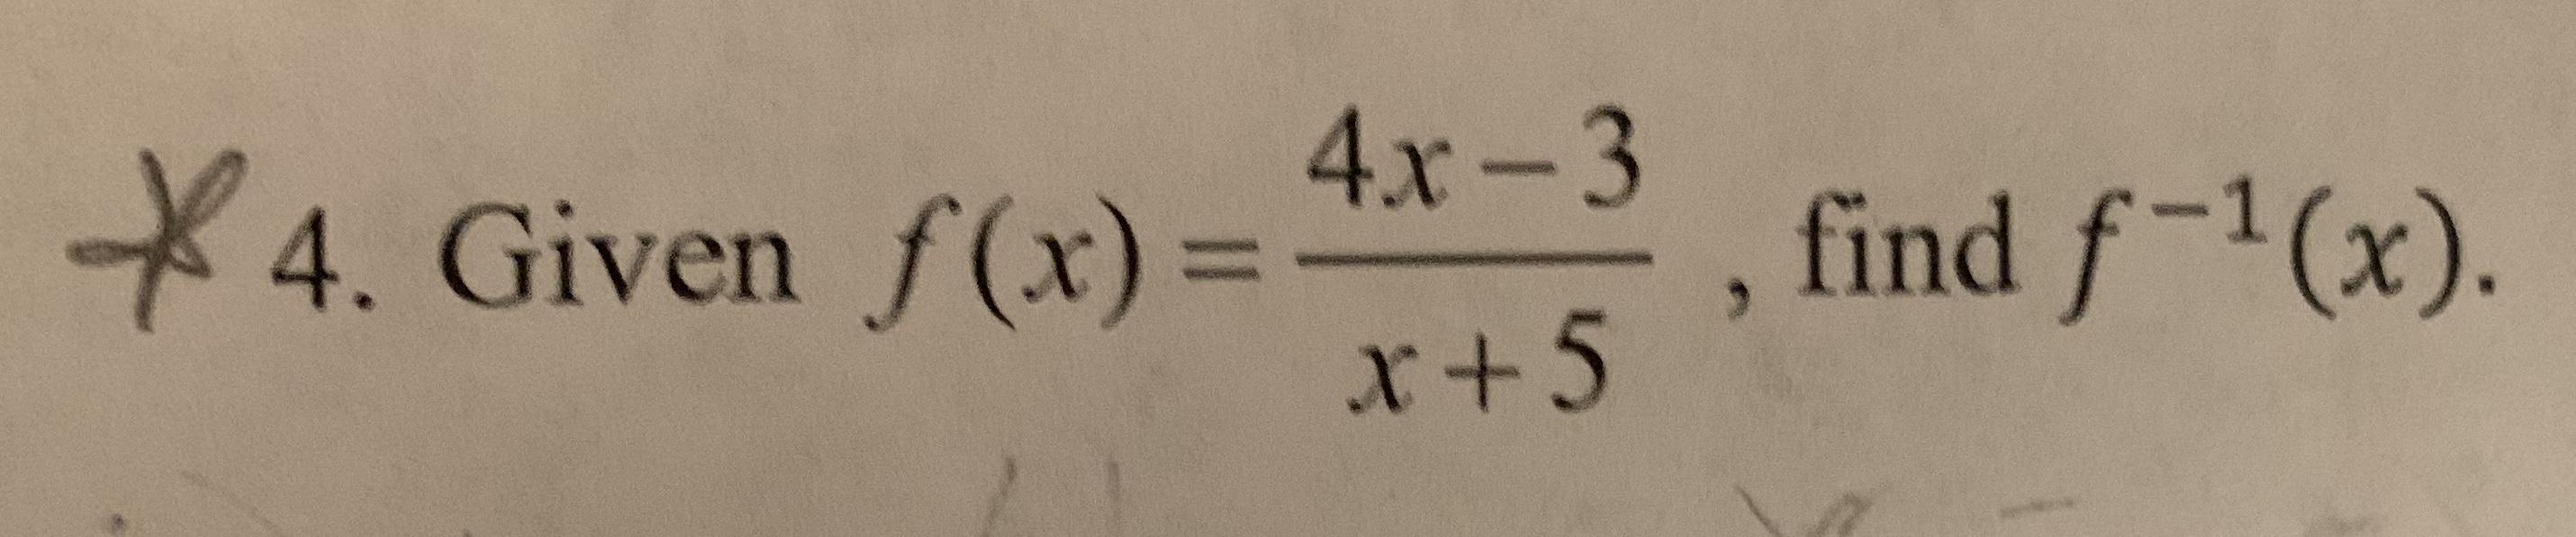 4x .x , find f-1 (x). 4. Given f(x)= x+5